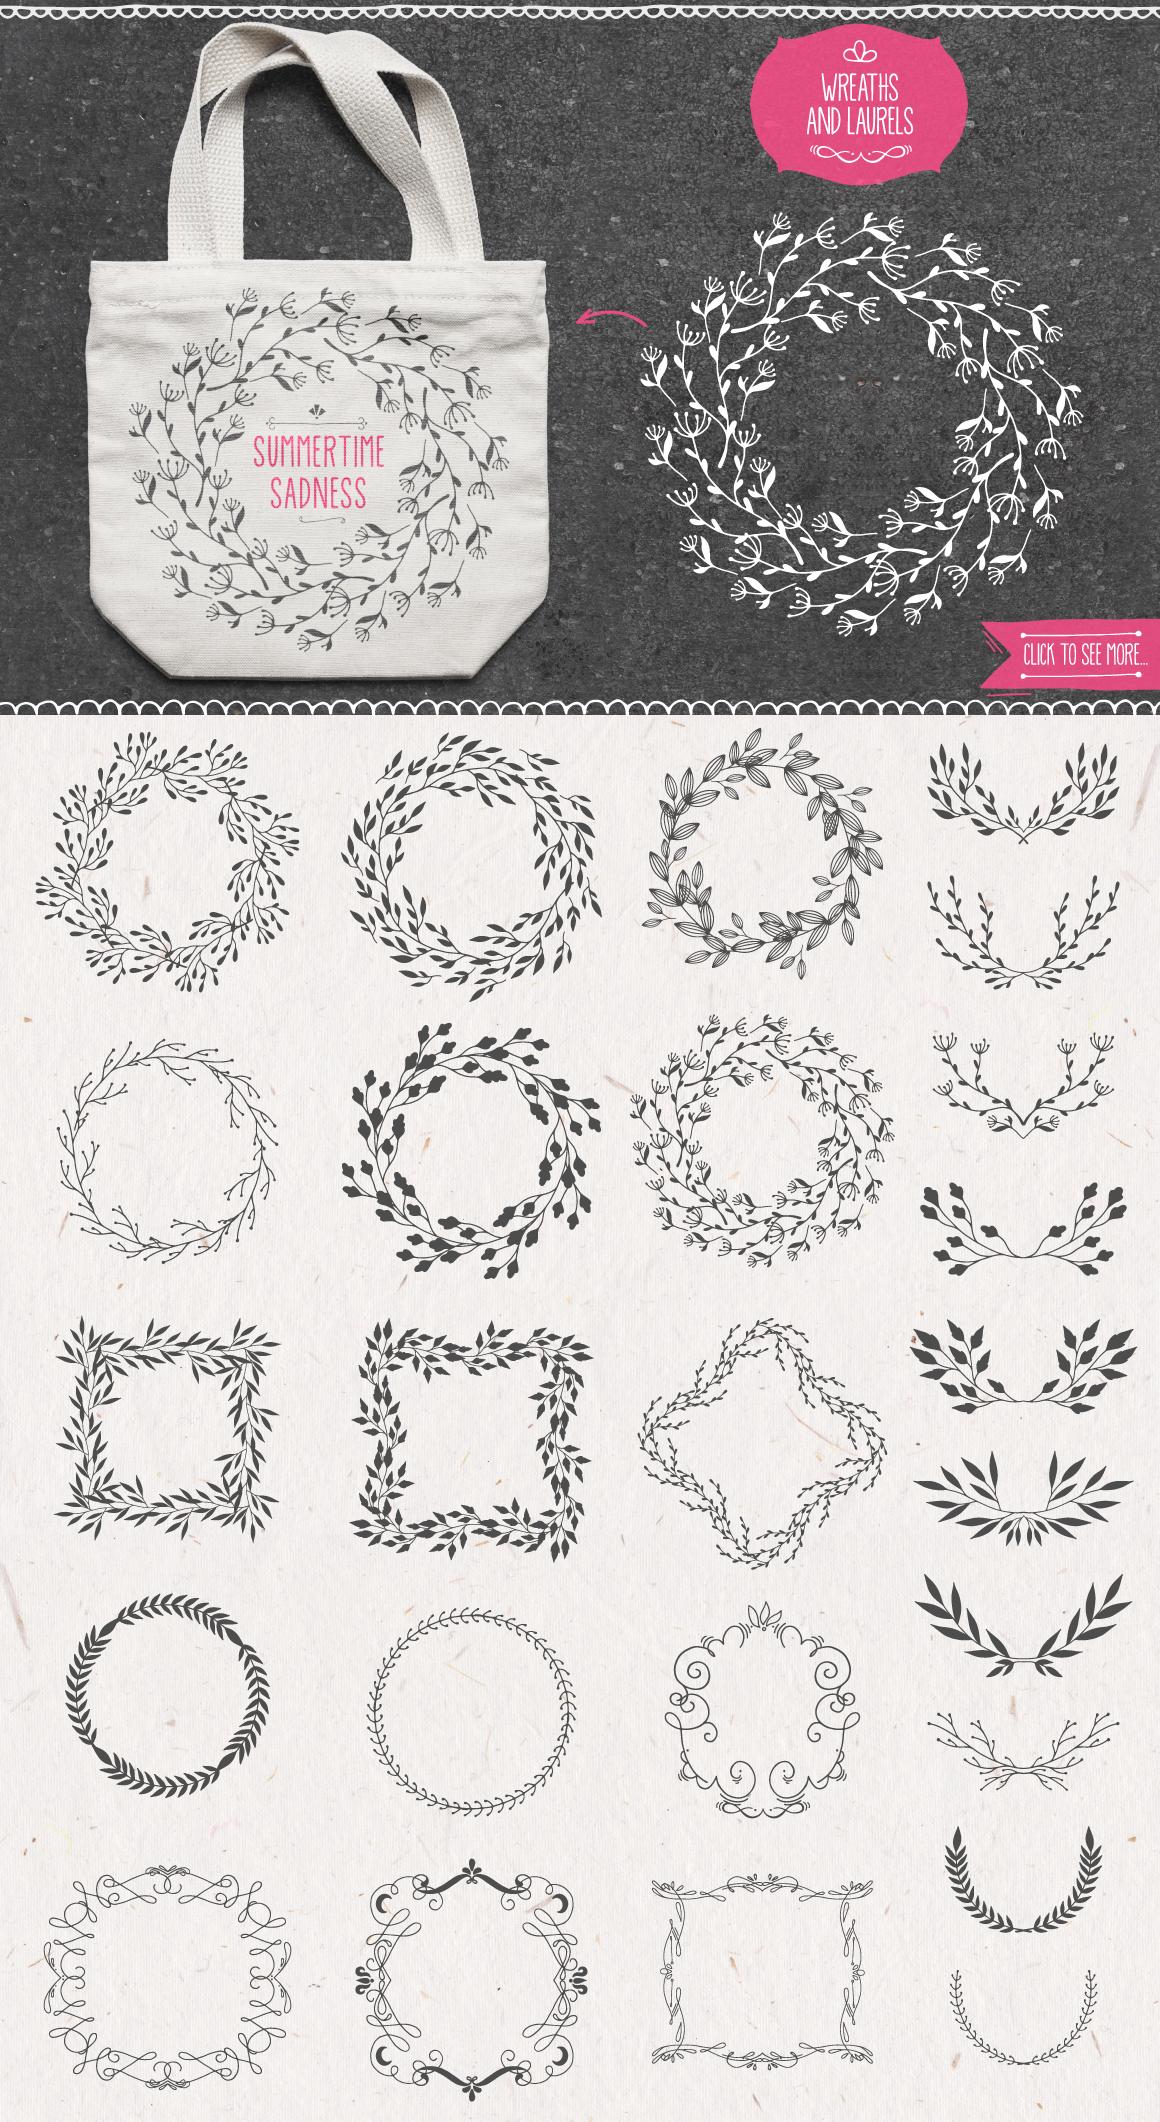 500多个花圈徽标装饰图案矢量素材 Decoration Toolkit插图(2)